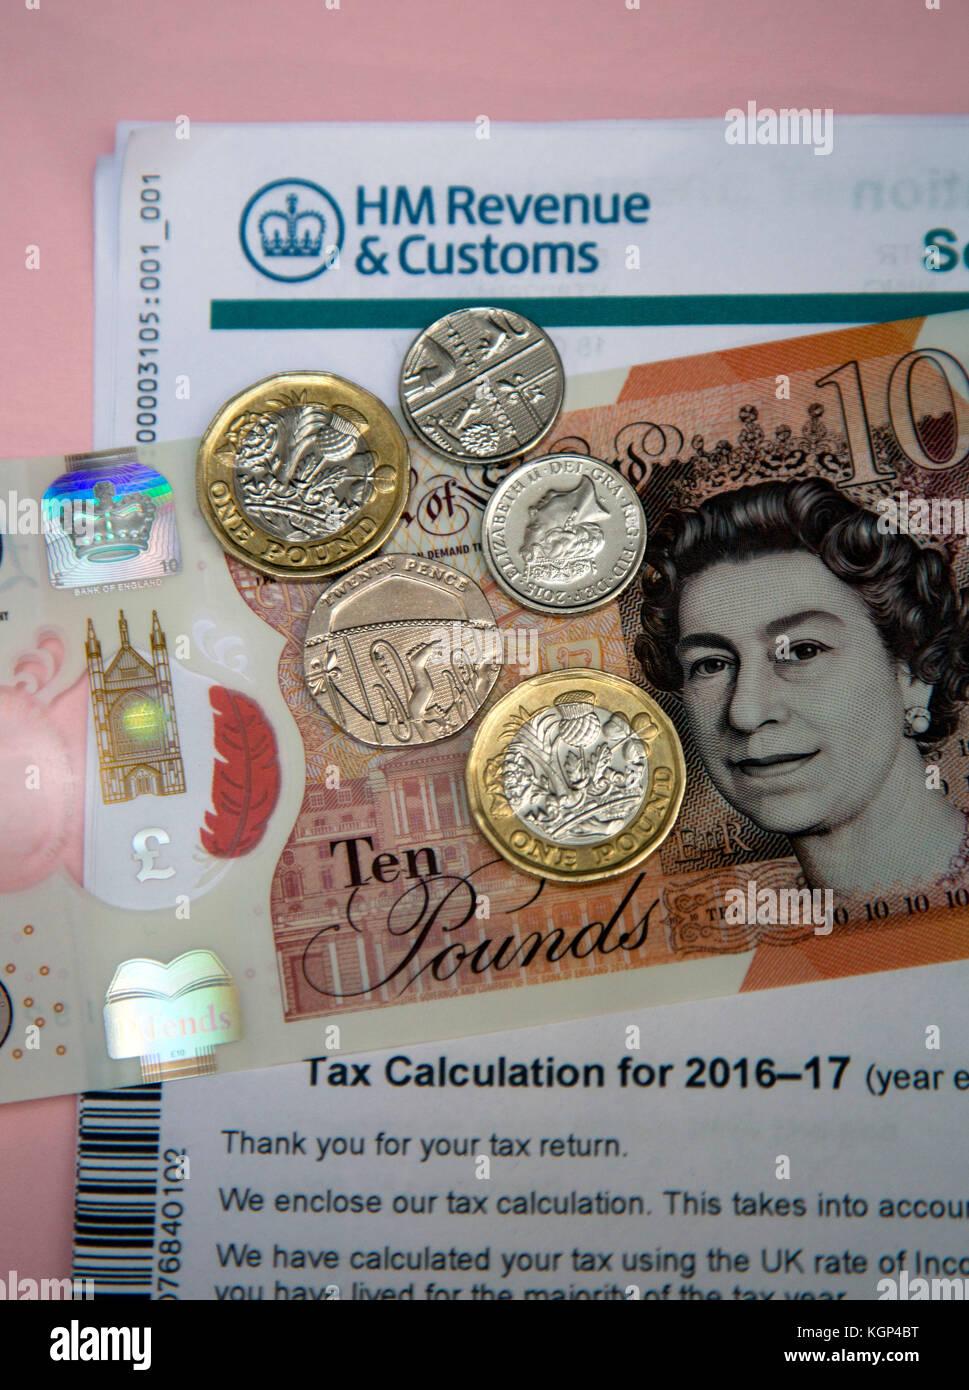 La demande d'impôt sur le revenu à partir de HM Revenue & Customs, Londres Banque D'Images